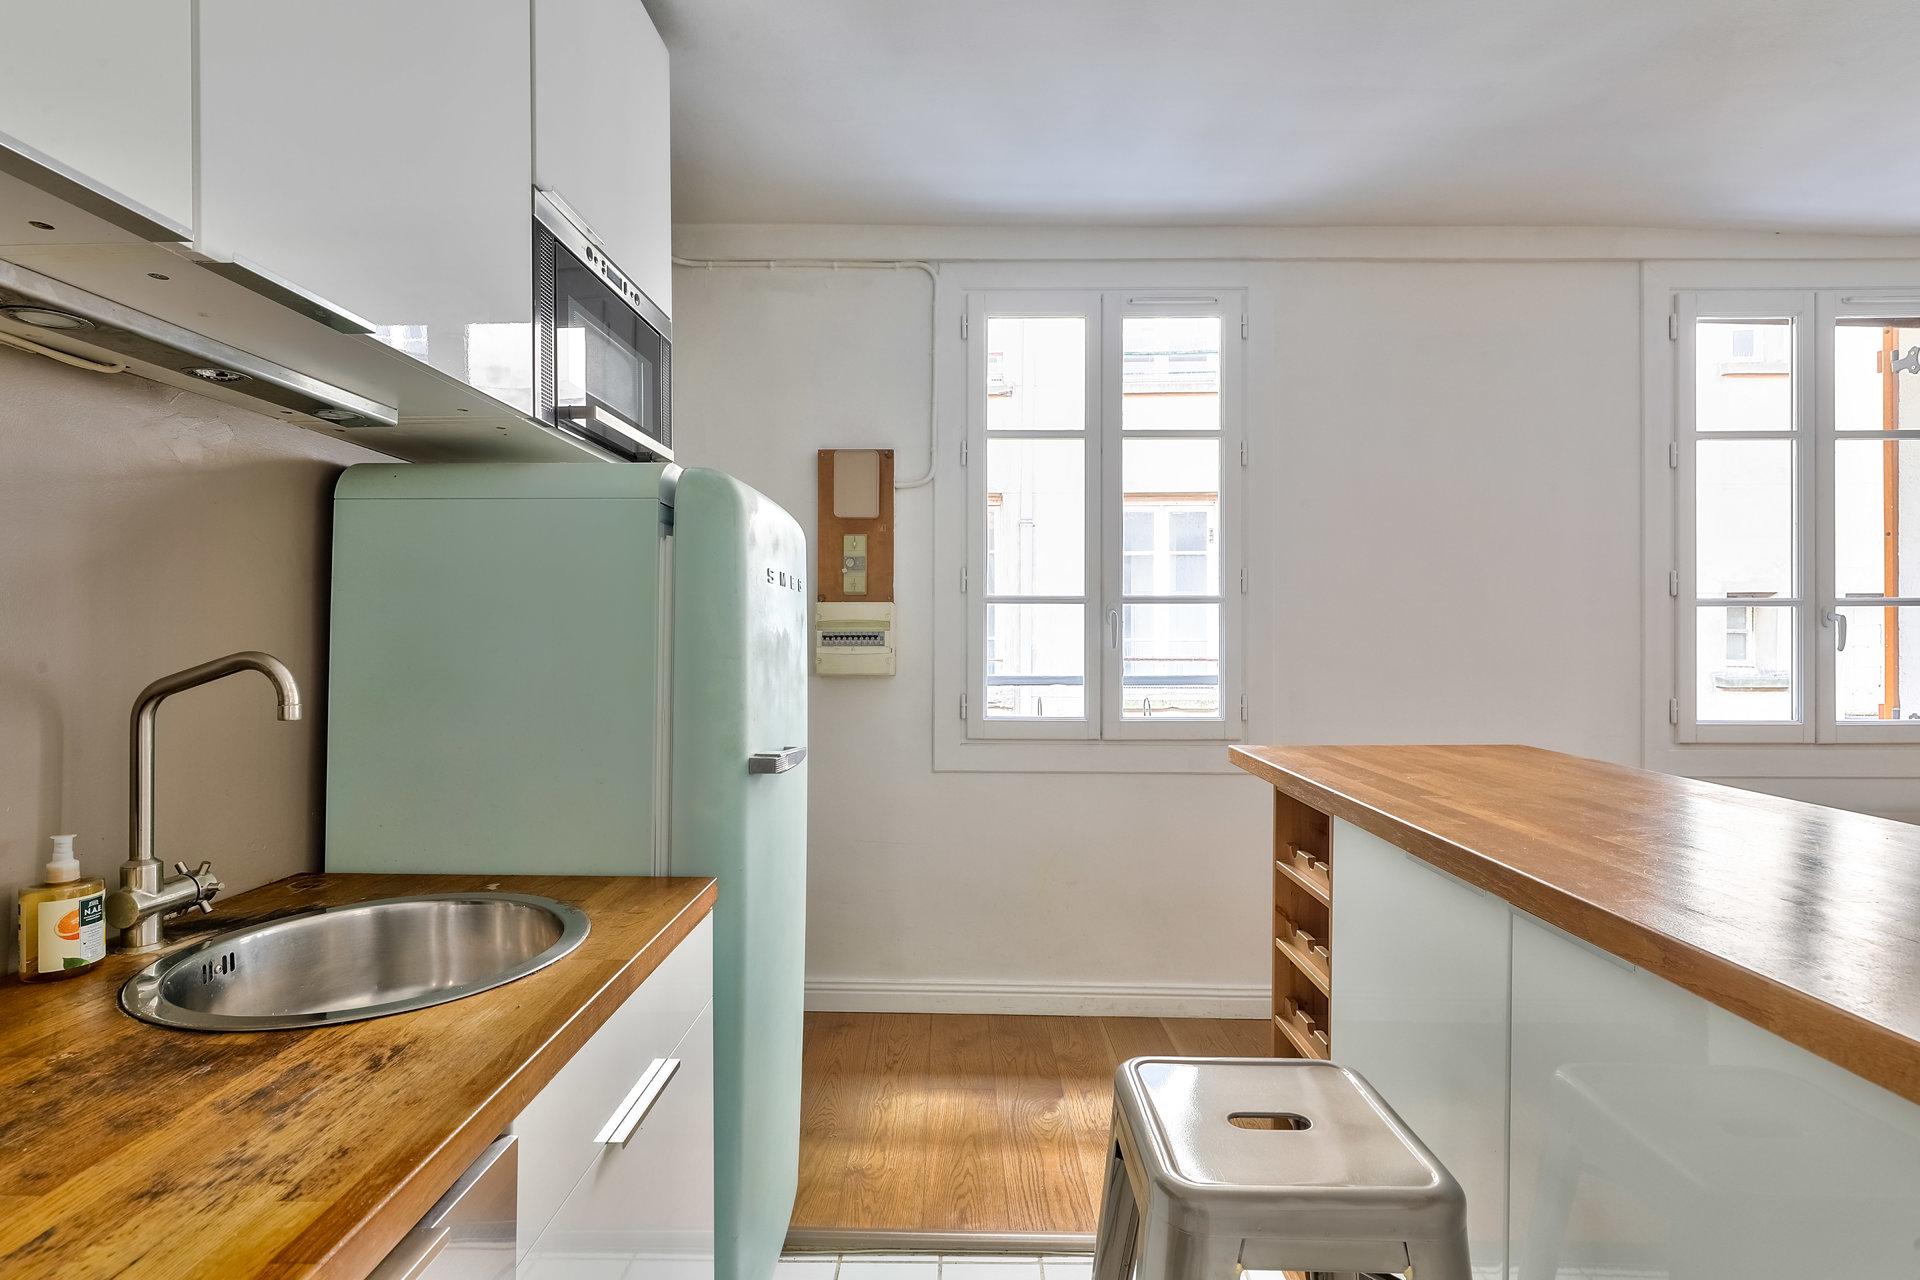 Paris - X ème - ÉGLISE SAINT LAURENT / JARDIN VILLEMIN - M° Château d'Eau - Grand 2/3 Pièces - LUMIÈRE - CALME ABSOLU